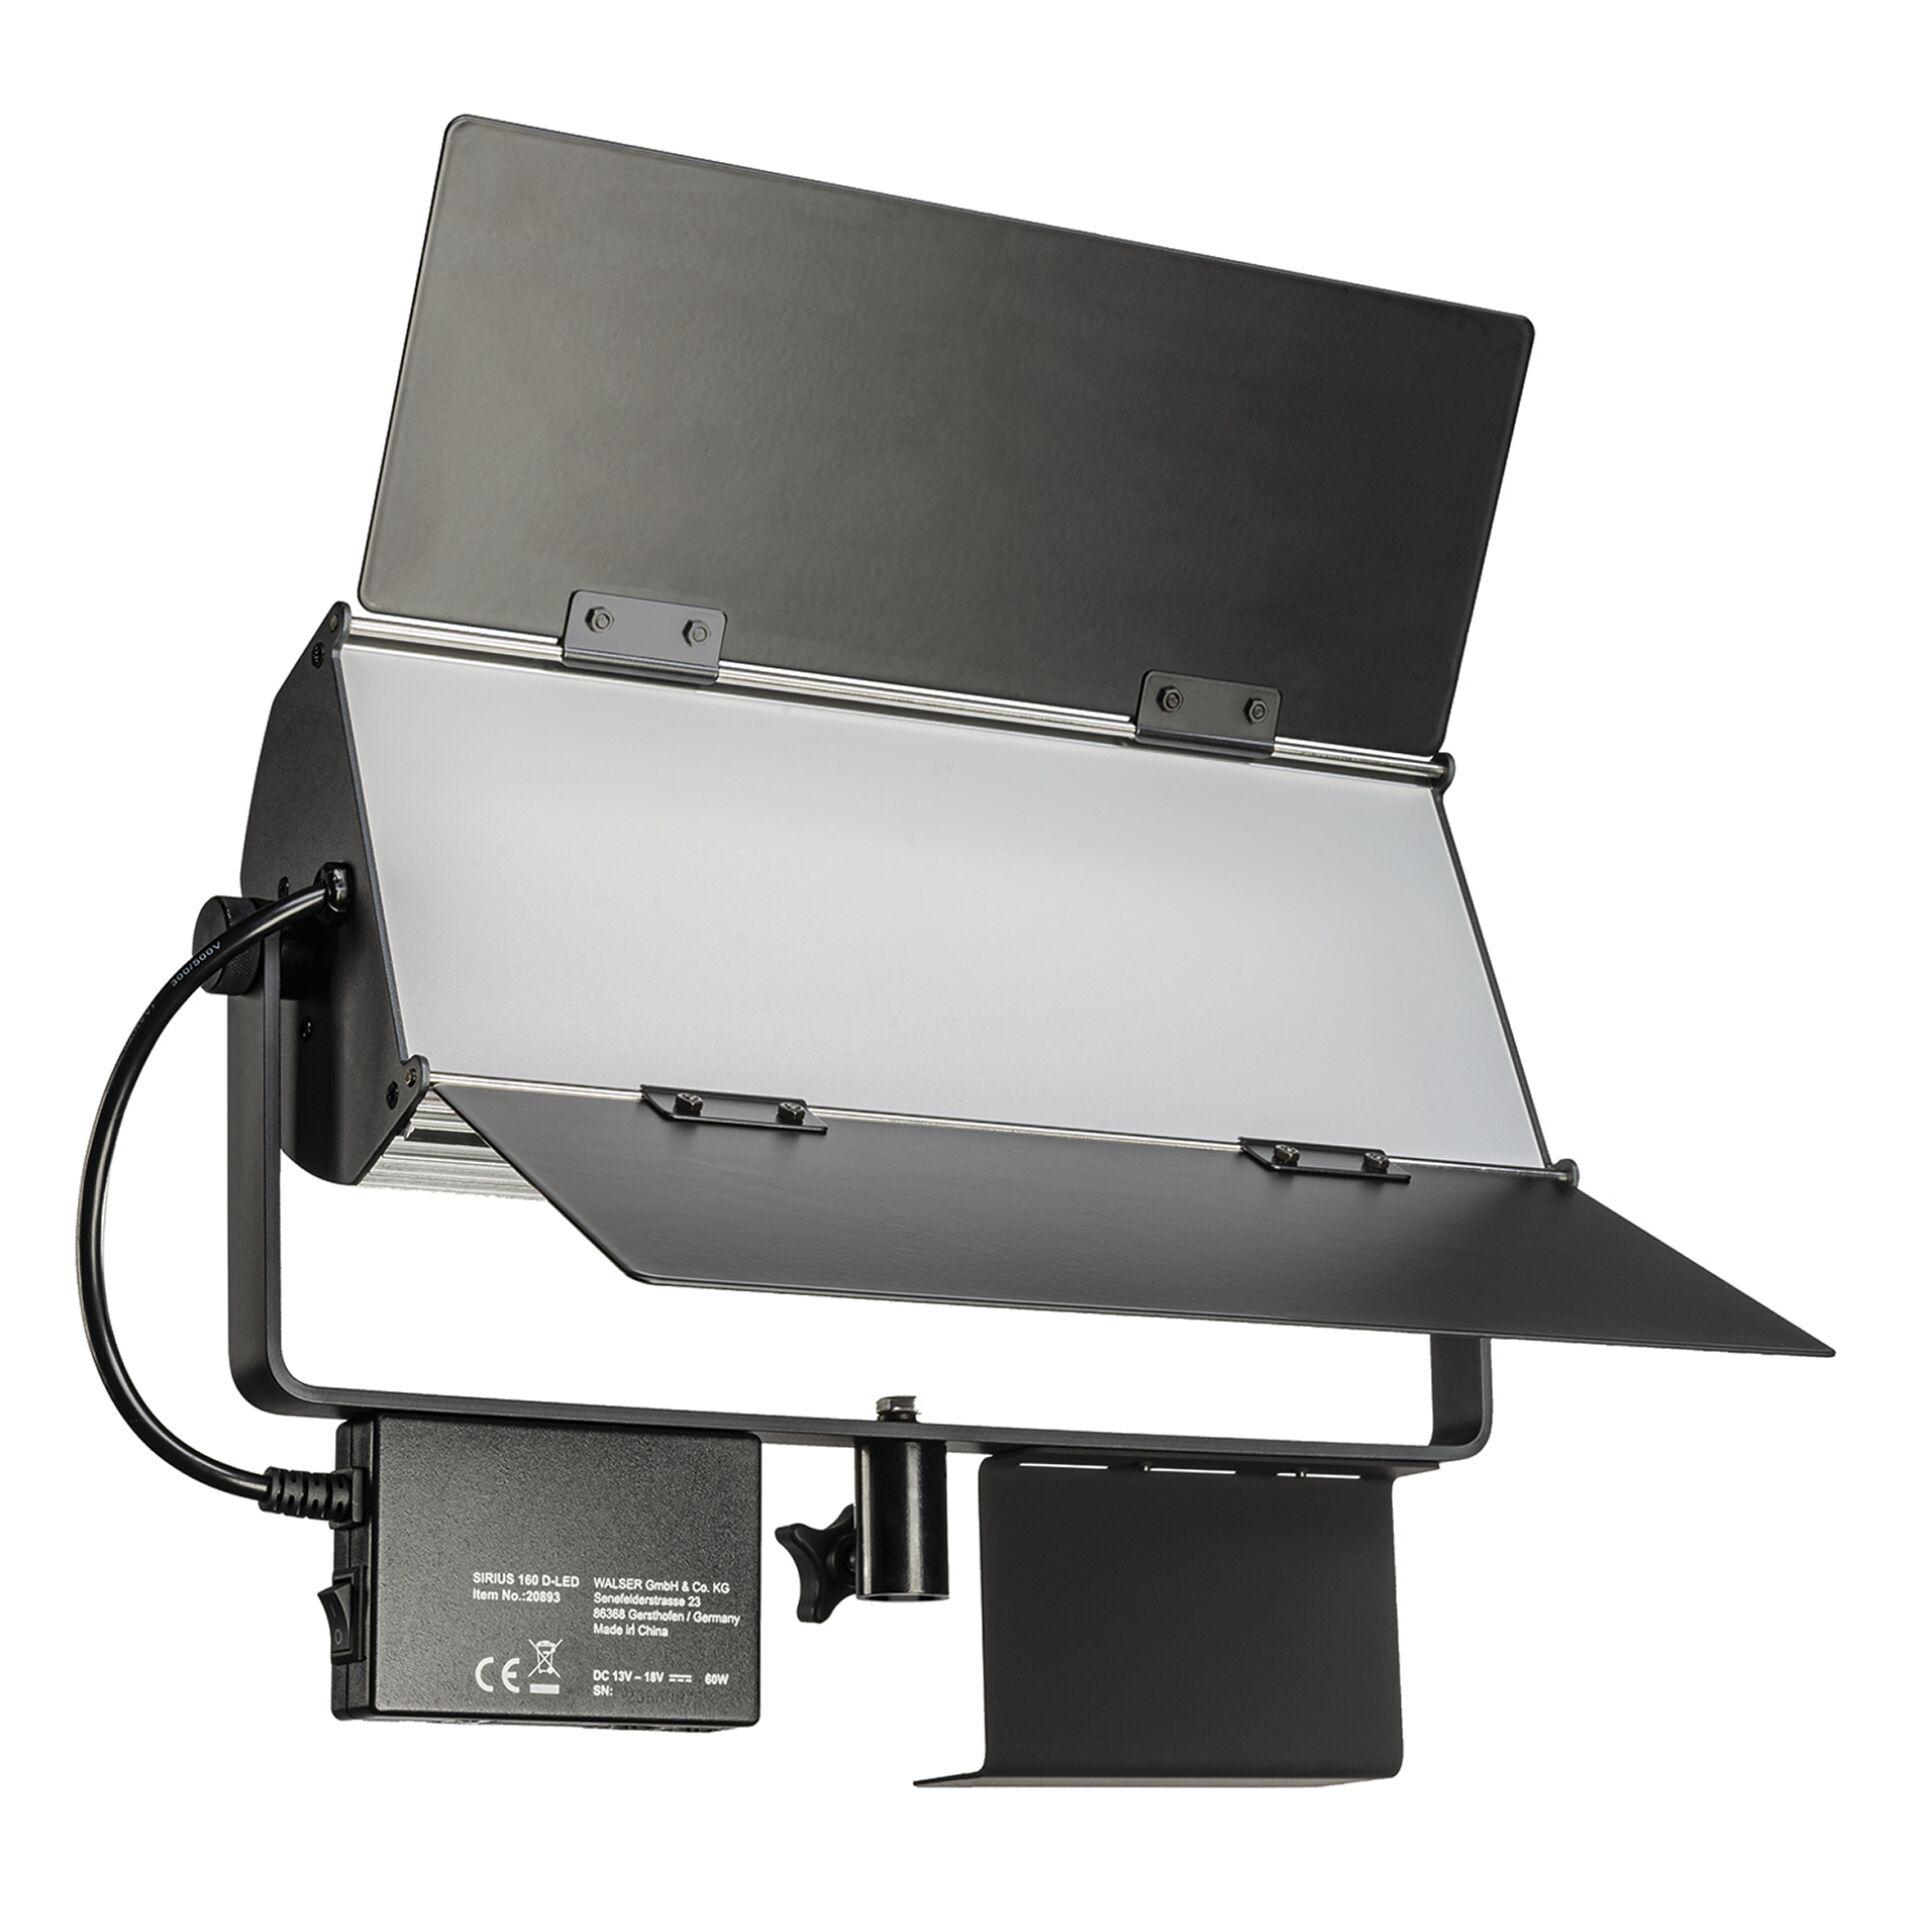 Walimex Pro Sirius 160 LED 65W Daylight Fluorescent Light